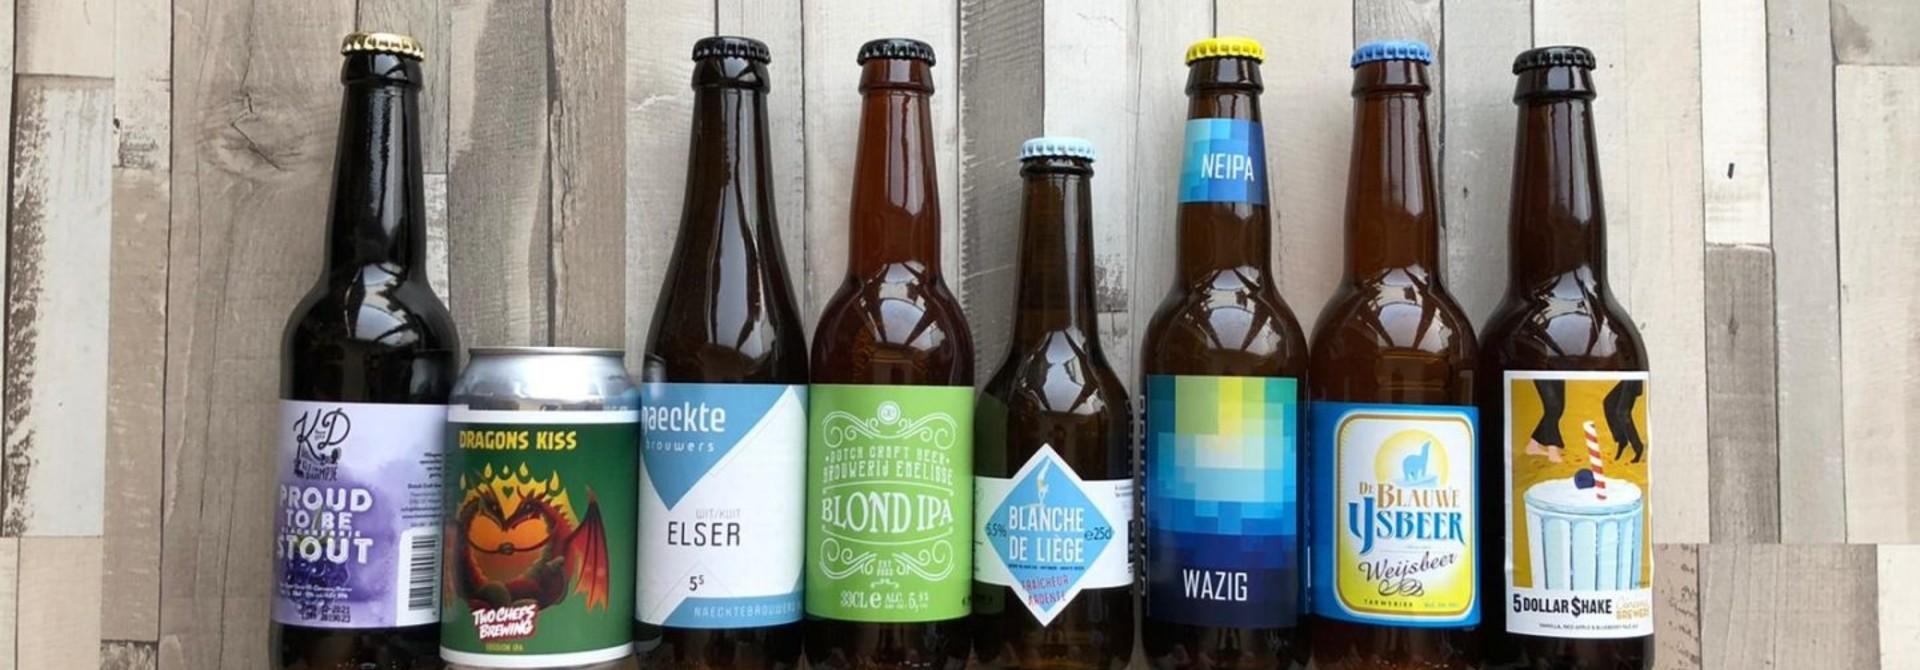 Speciaalbier – bierpakket juni 2020